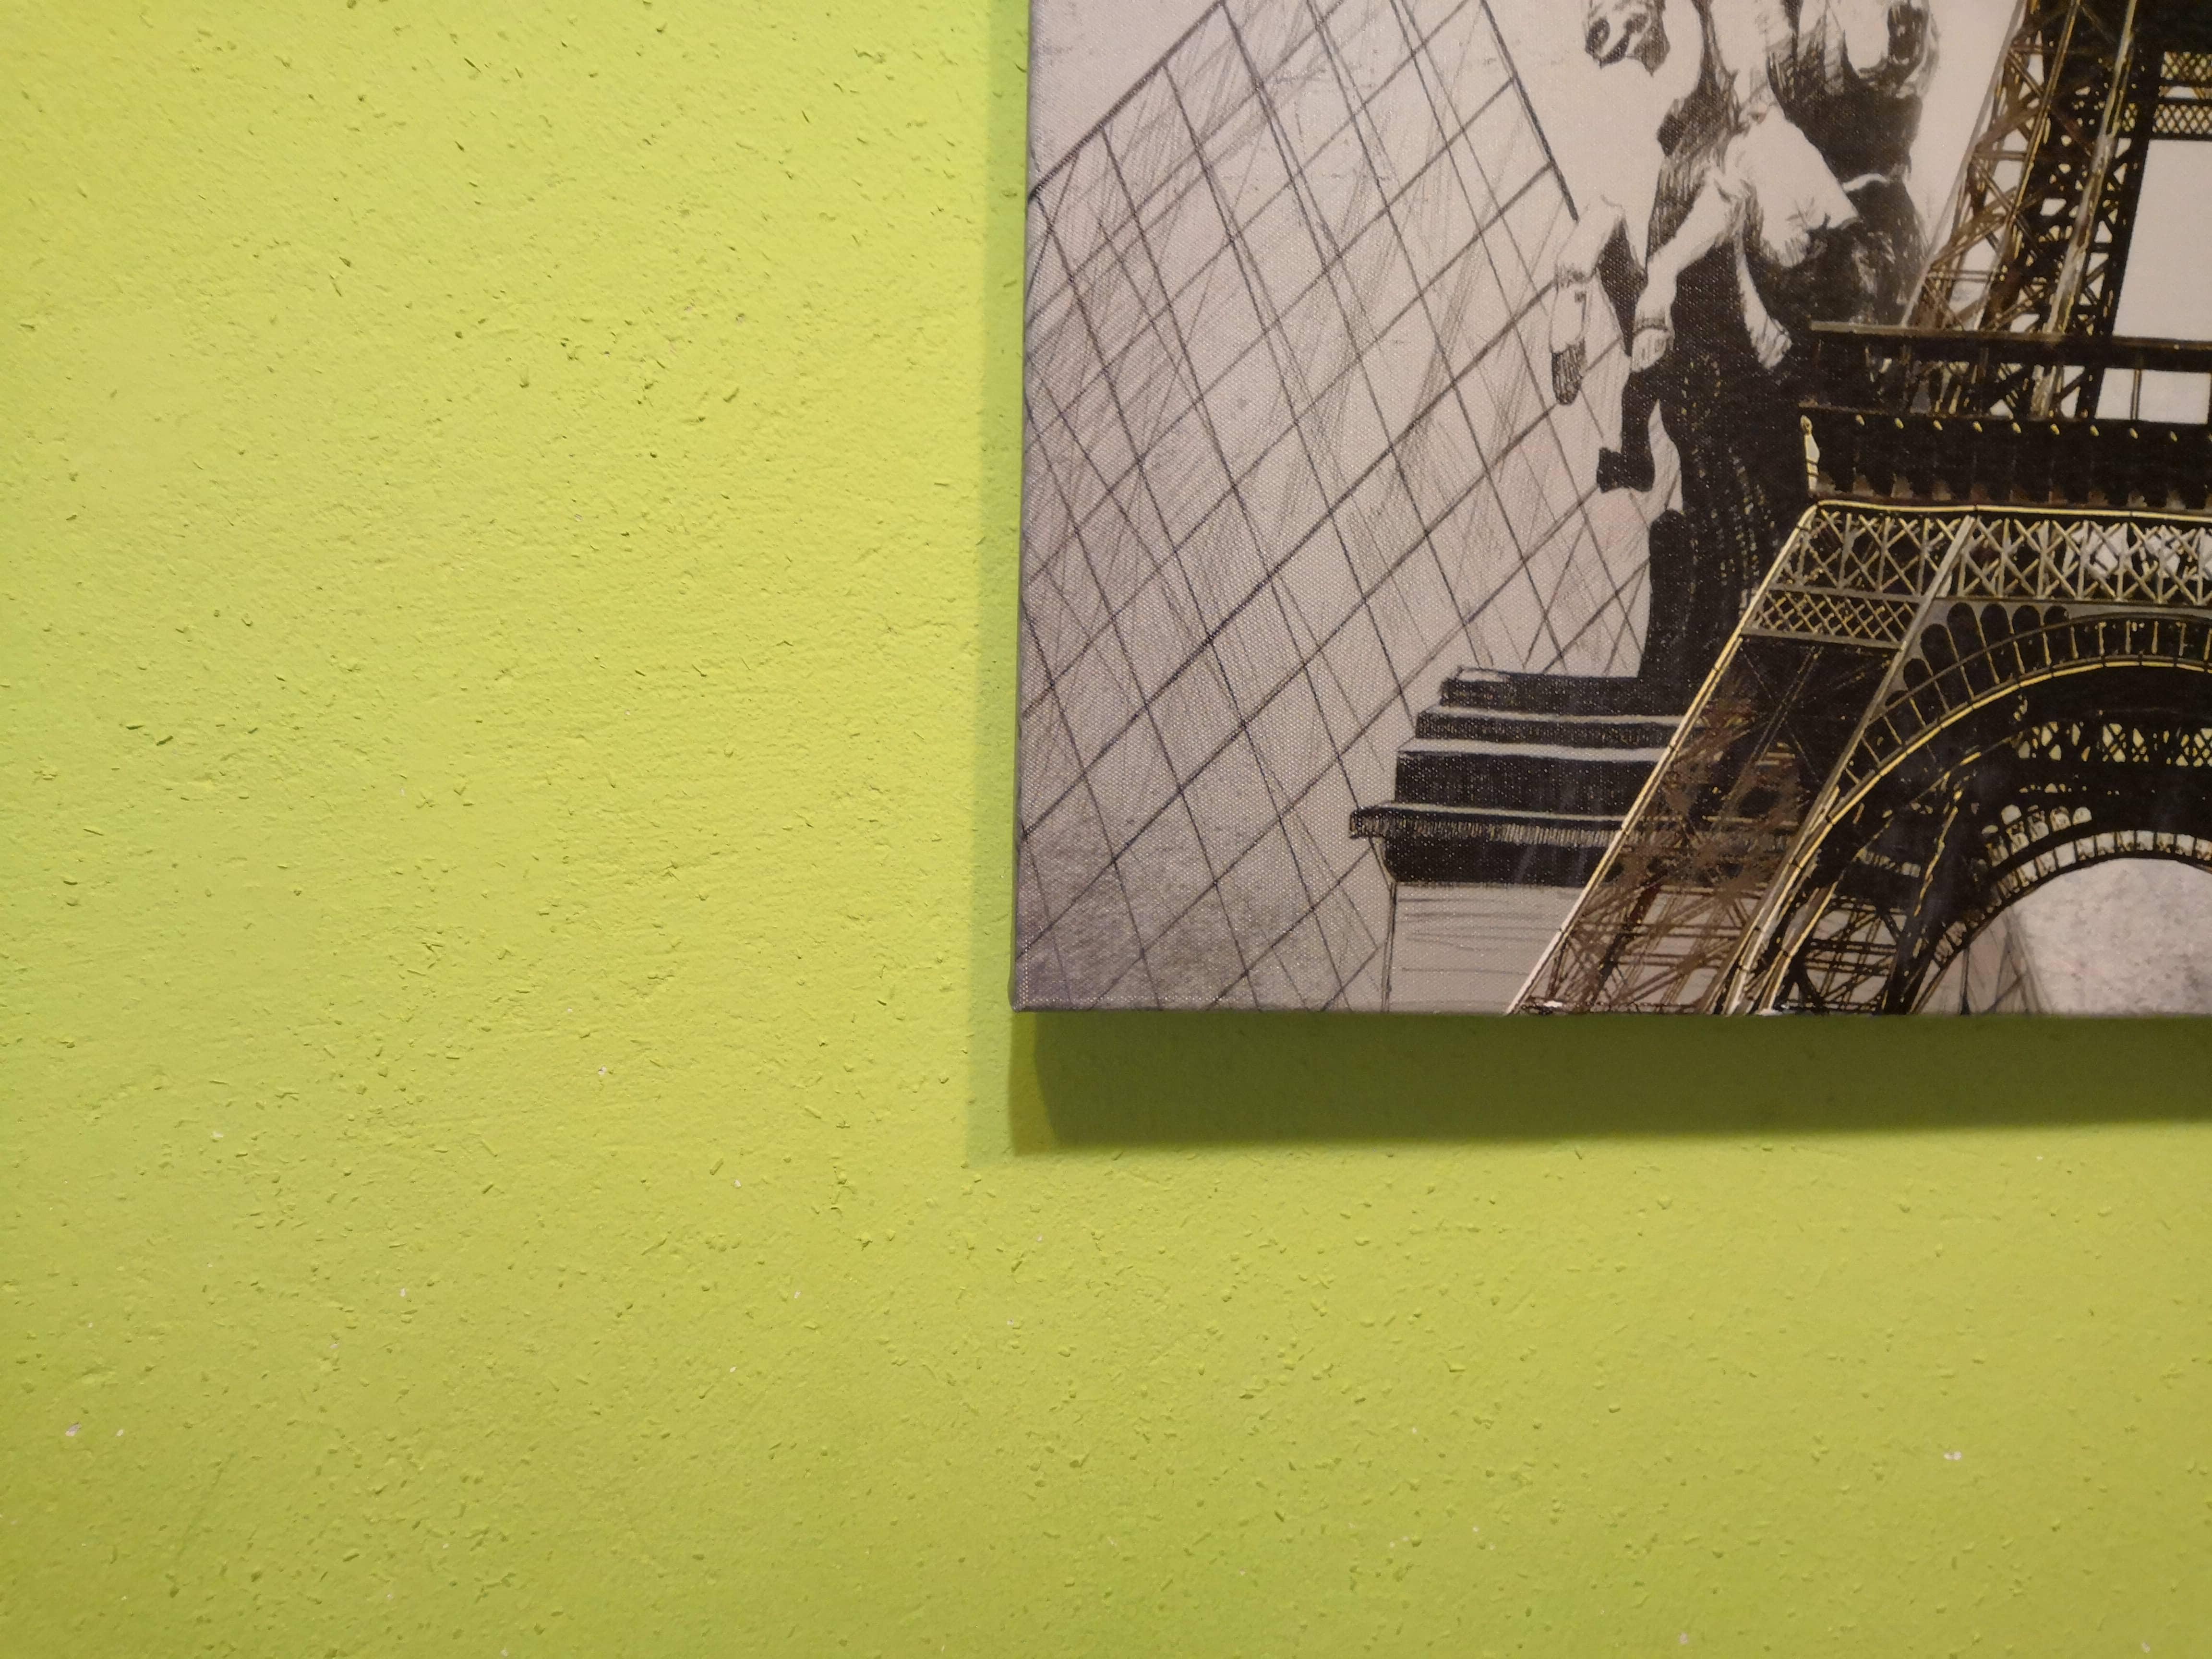 Zdjęcia w pomieszczeniu - Honor View 10